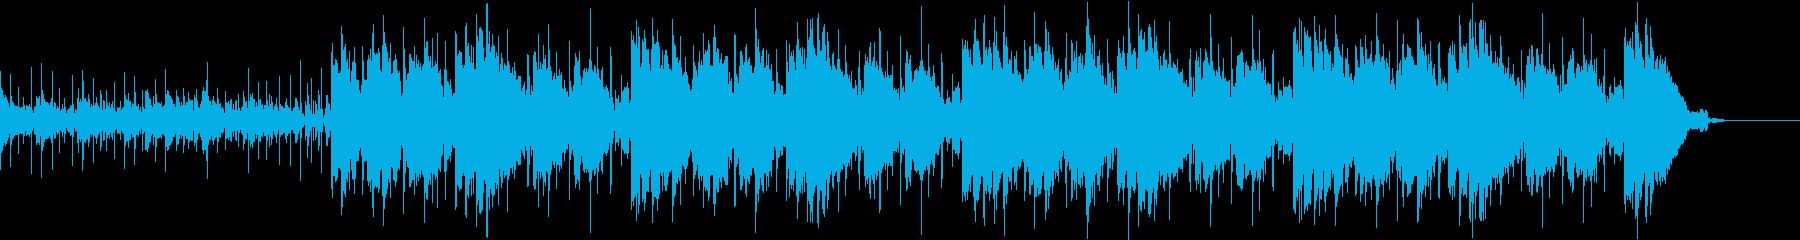 アメリカのティーンポップBGMの再生済みの波形